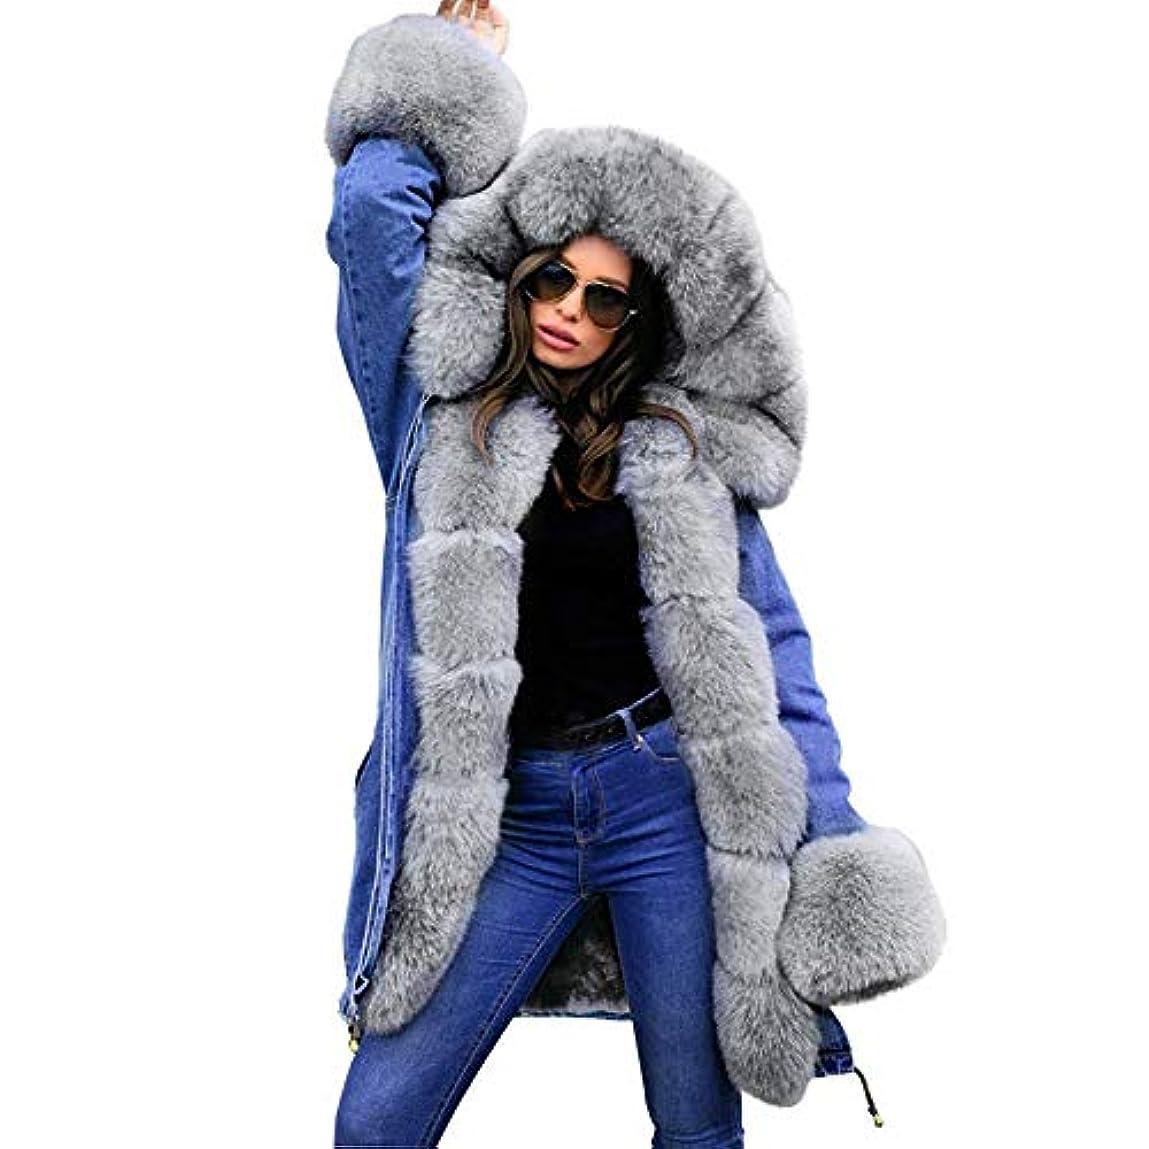 悪魔元に戻す陰気冬の女性のフード付きコートの毛皮の襟暖かいロングコートの女性の冬のジャケット女性のアウター,M